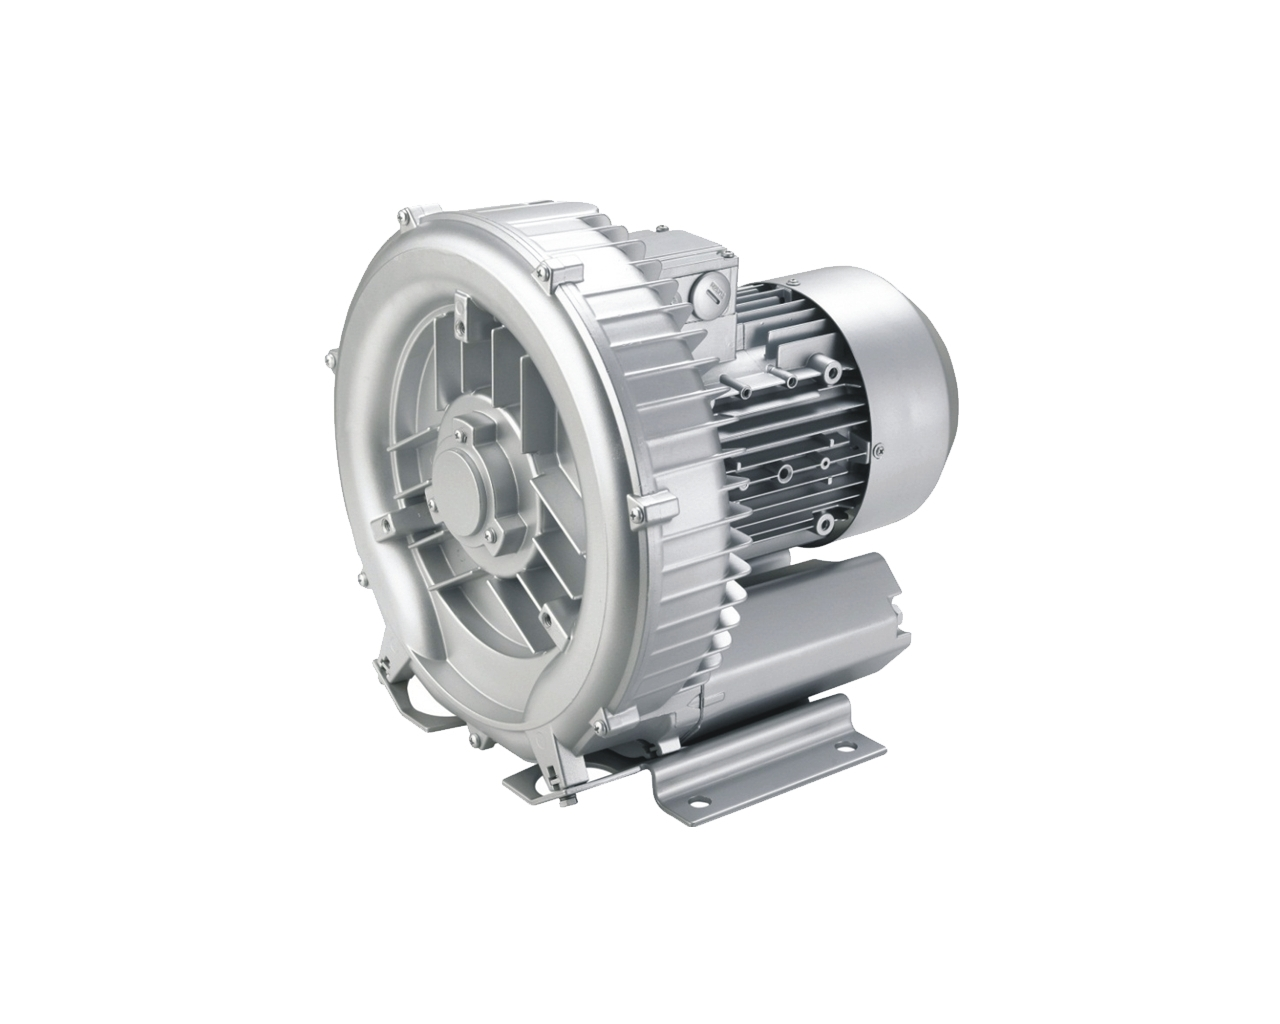 Vzduchovač HPE 315 pro trvalý chod, 2,2kW, 400V, 318m3/h